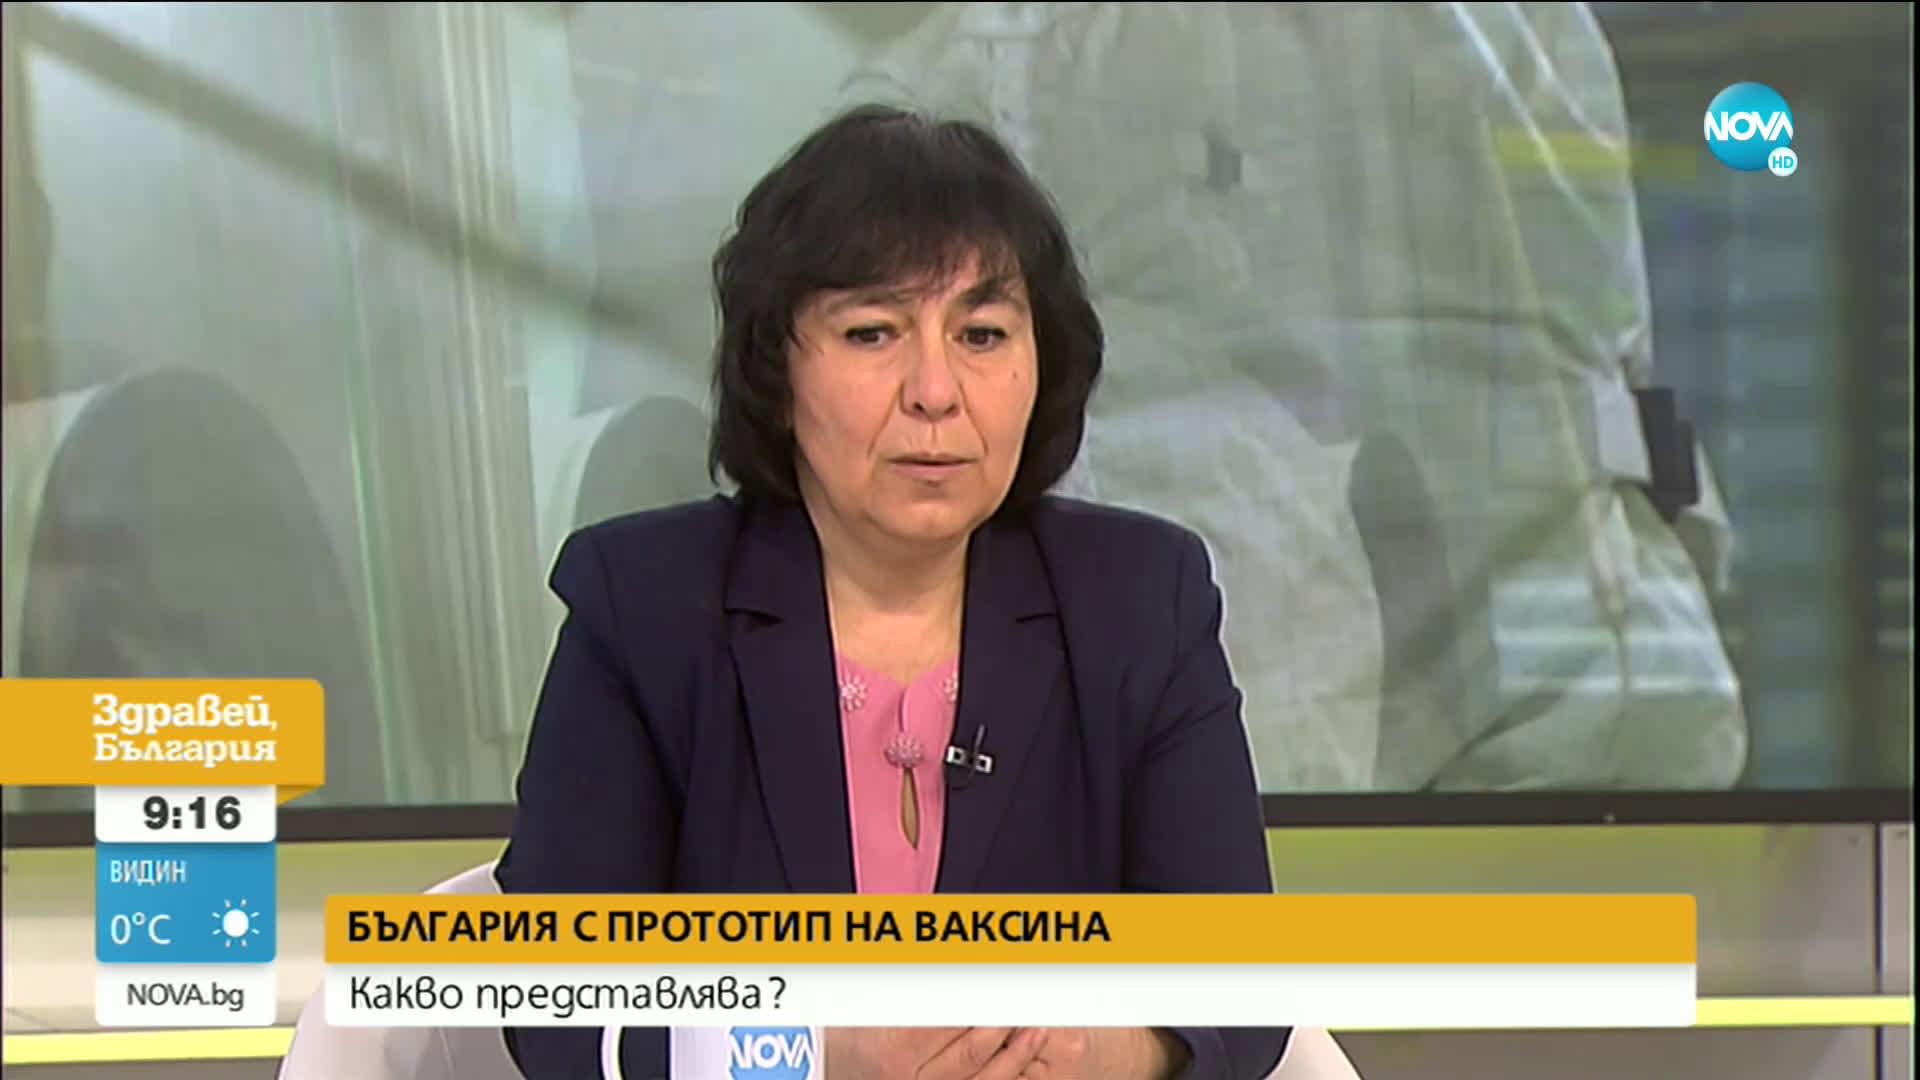 Микробиолог: Българската ваксина ще има ефект срещу всички варианти на COVID-19